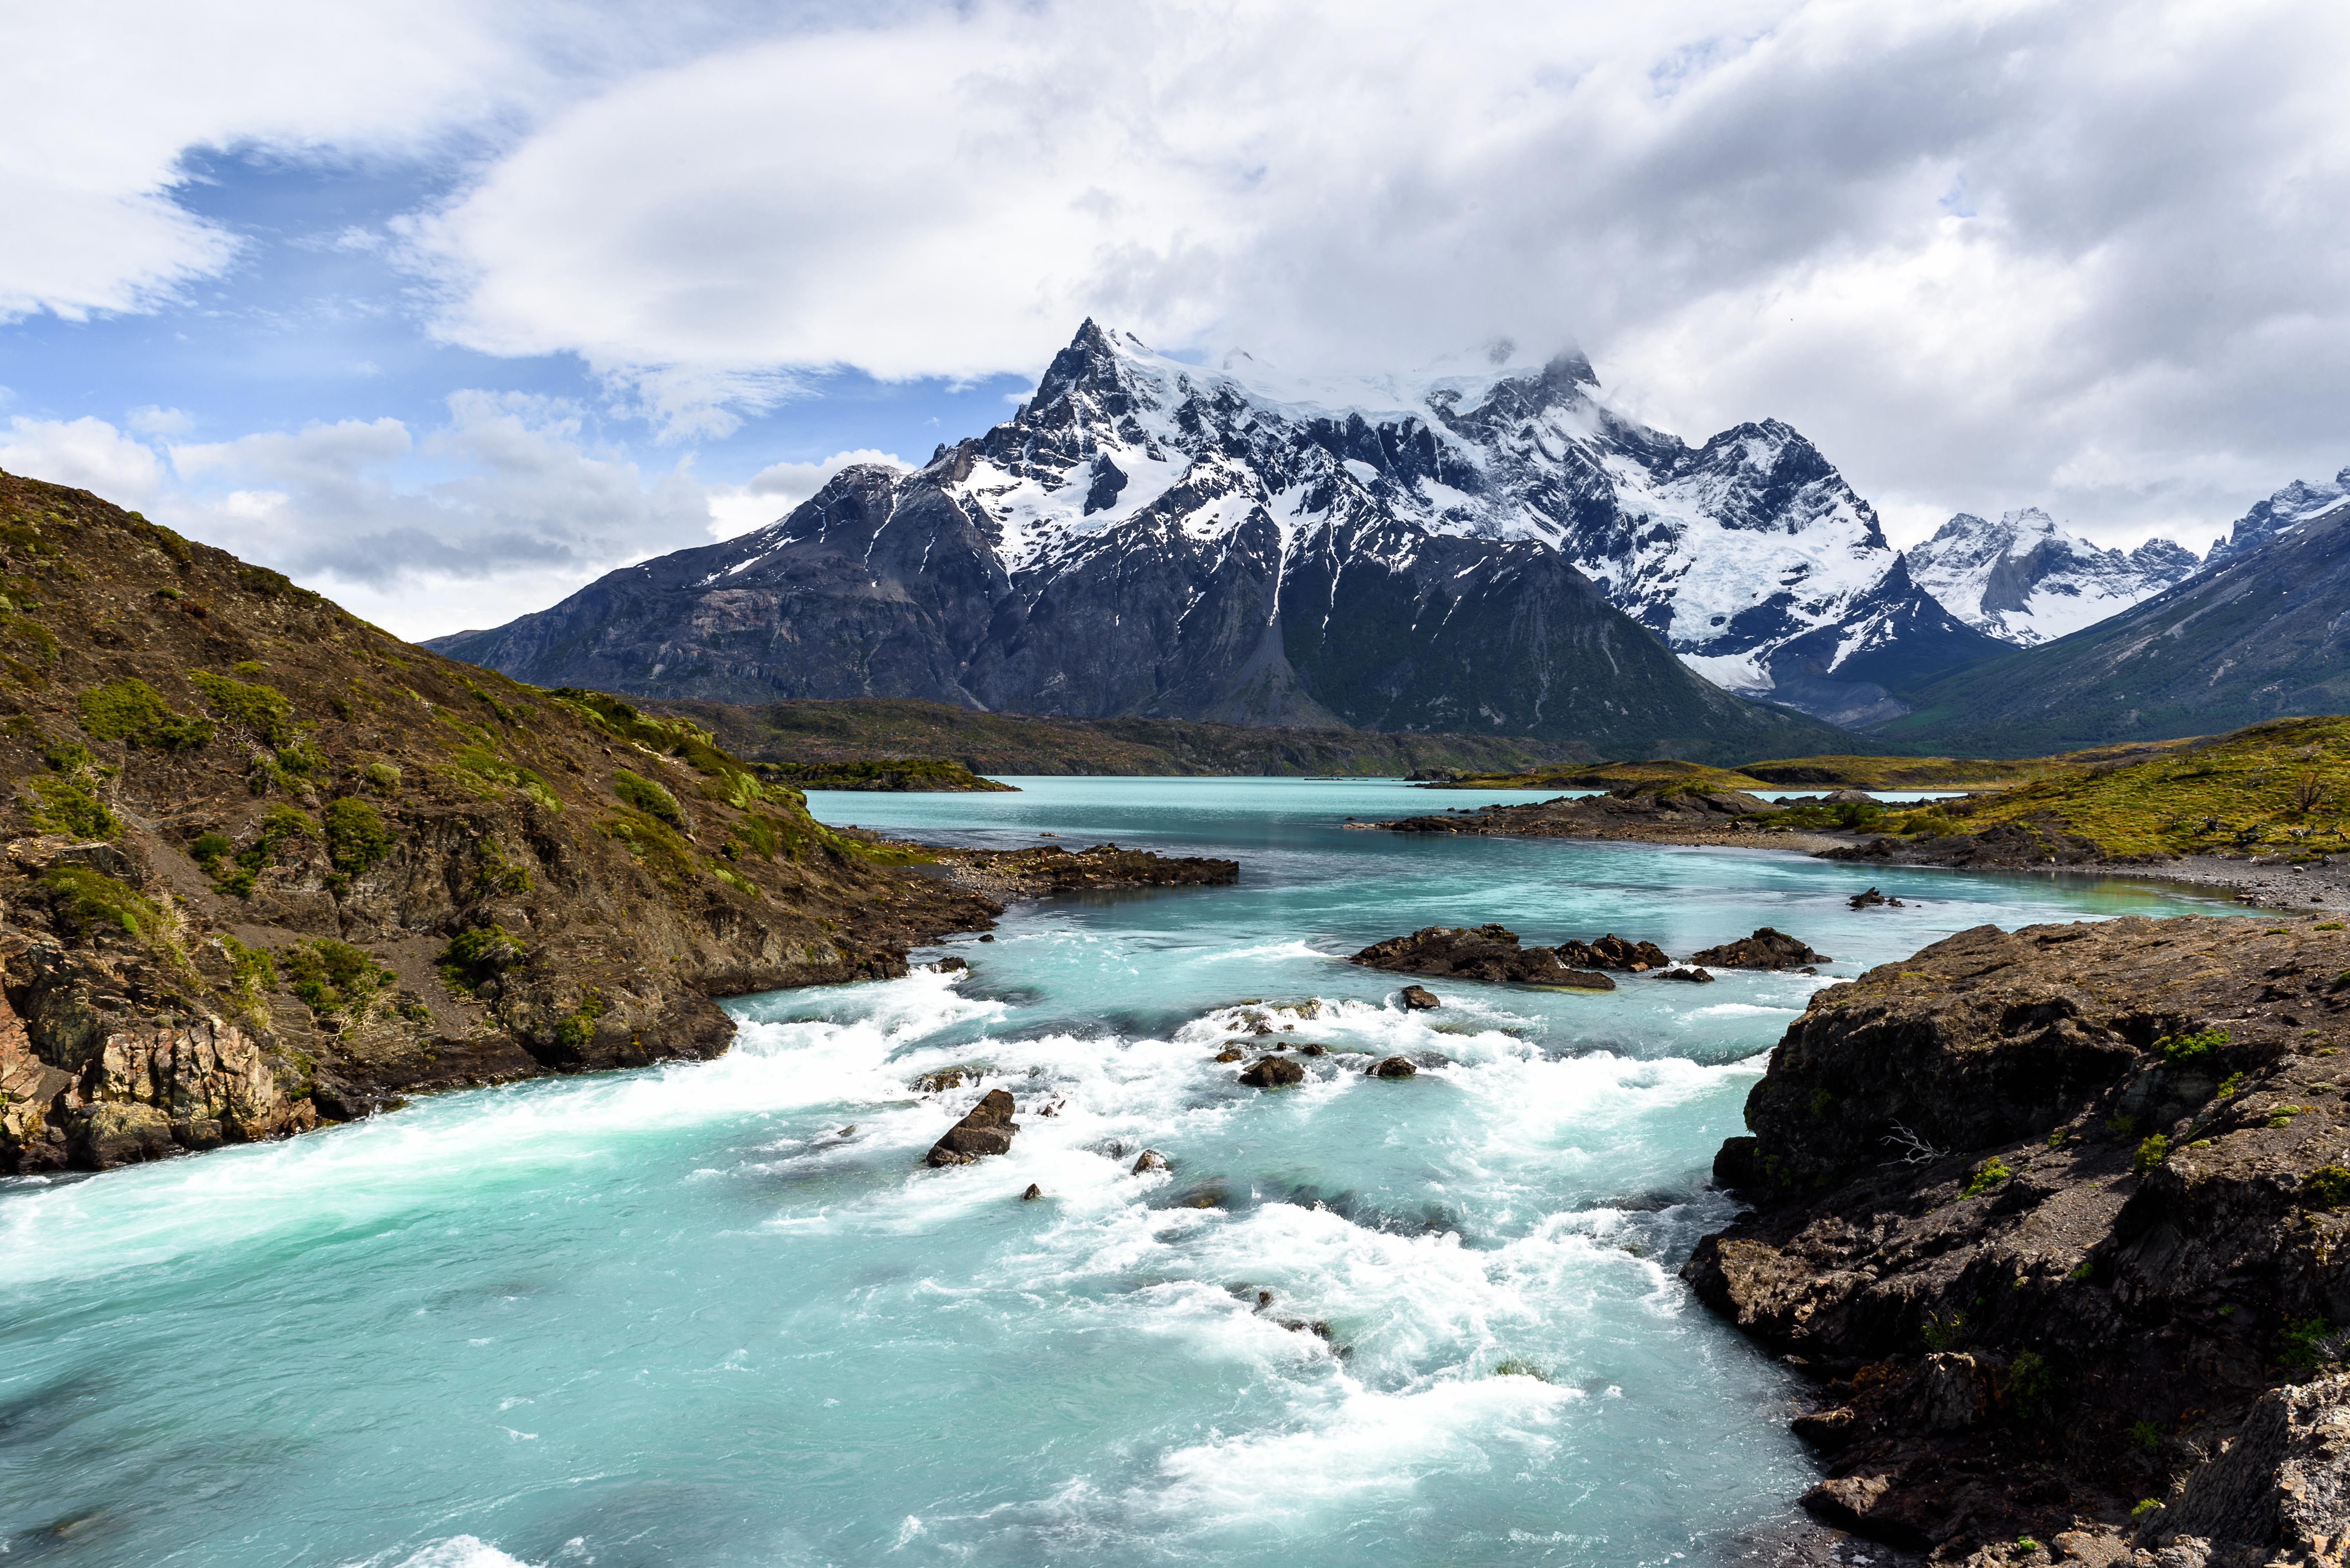 River flowing between rocks in Torres del Paine Patagonia